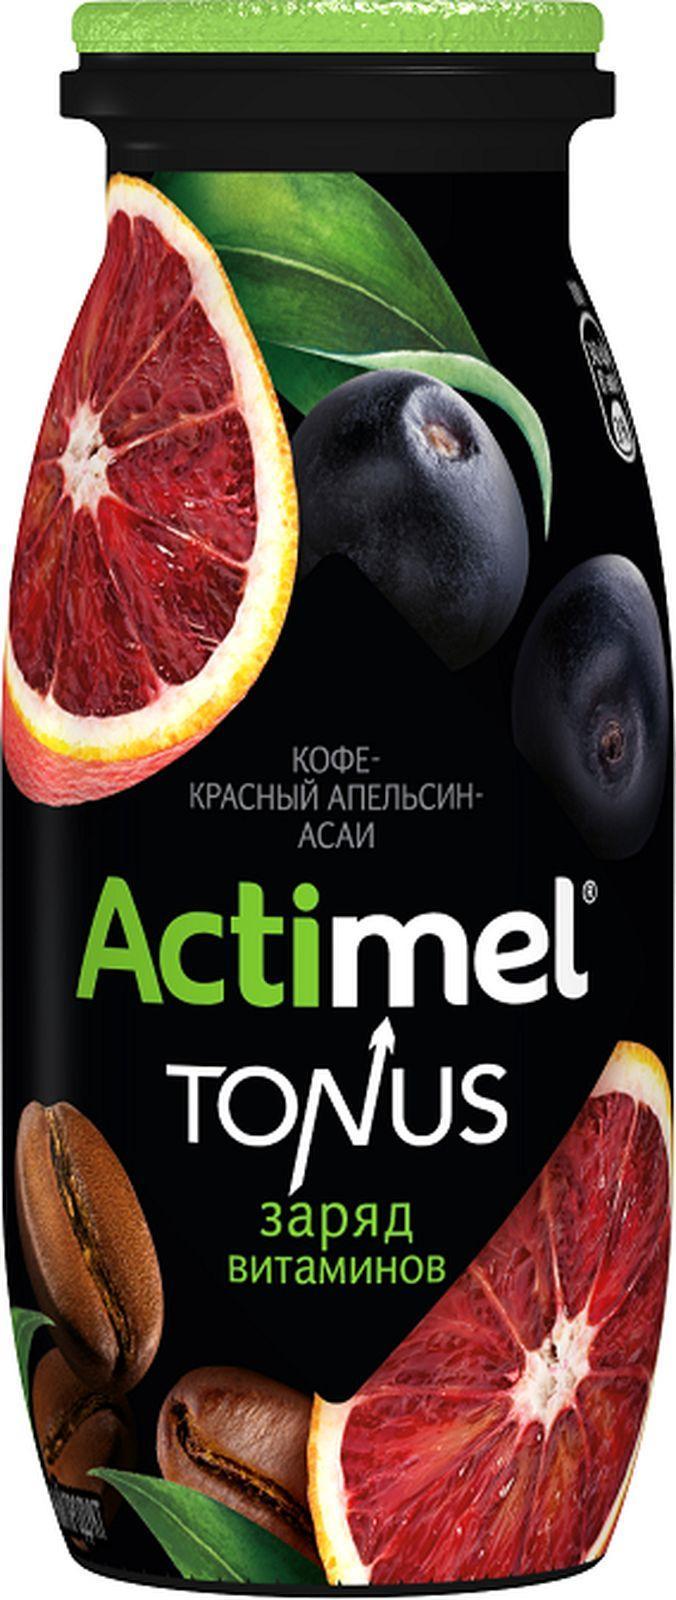 Напиток Actimel Tonus Кофе Красный Апельсин Асаи